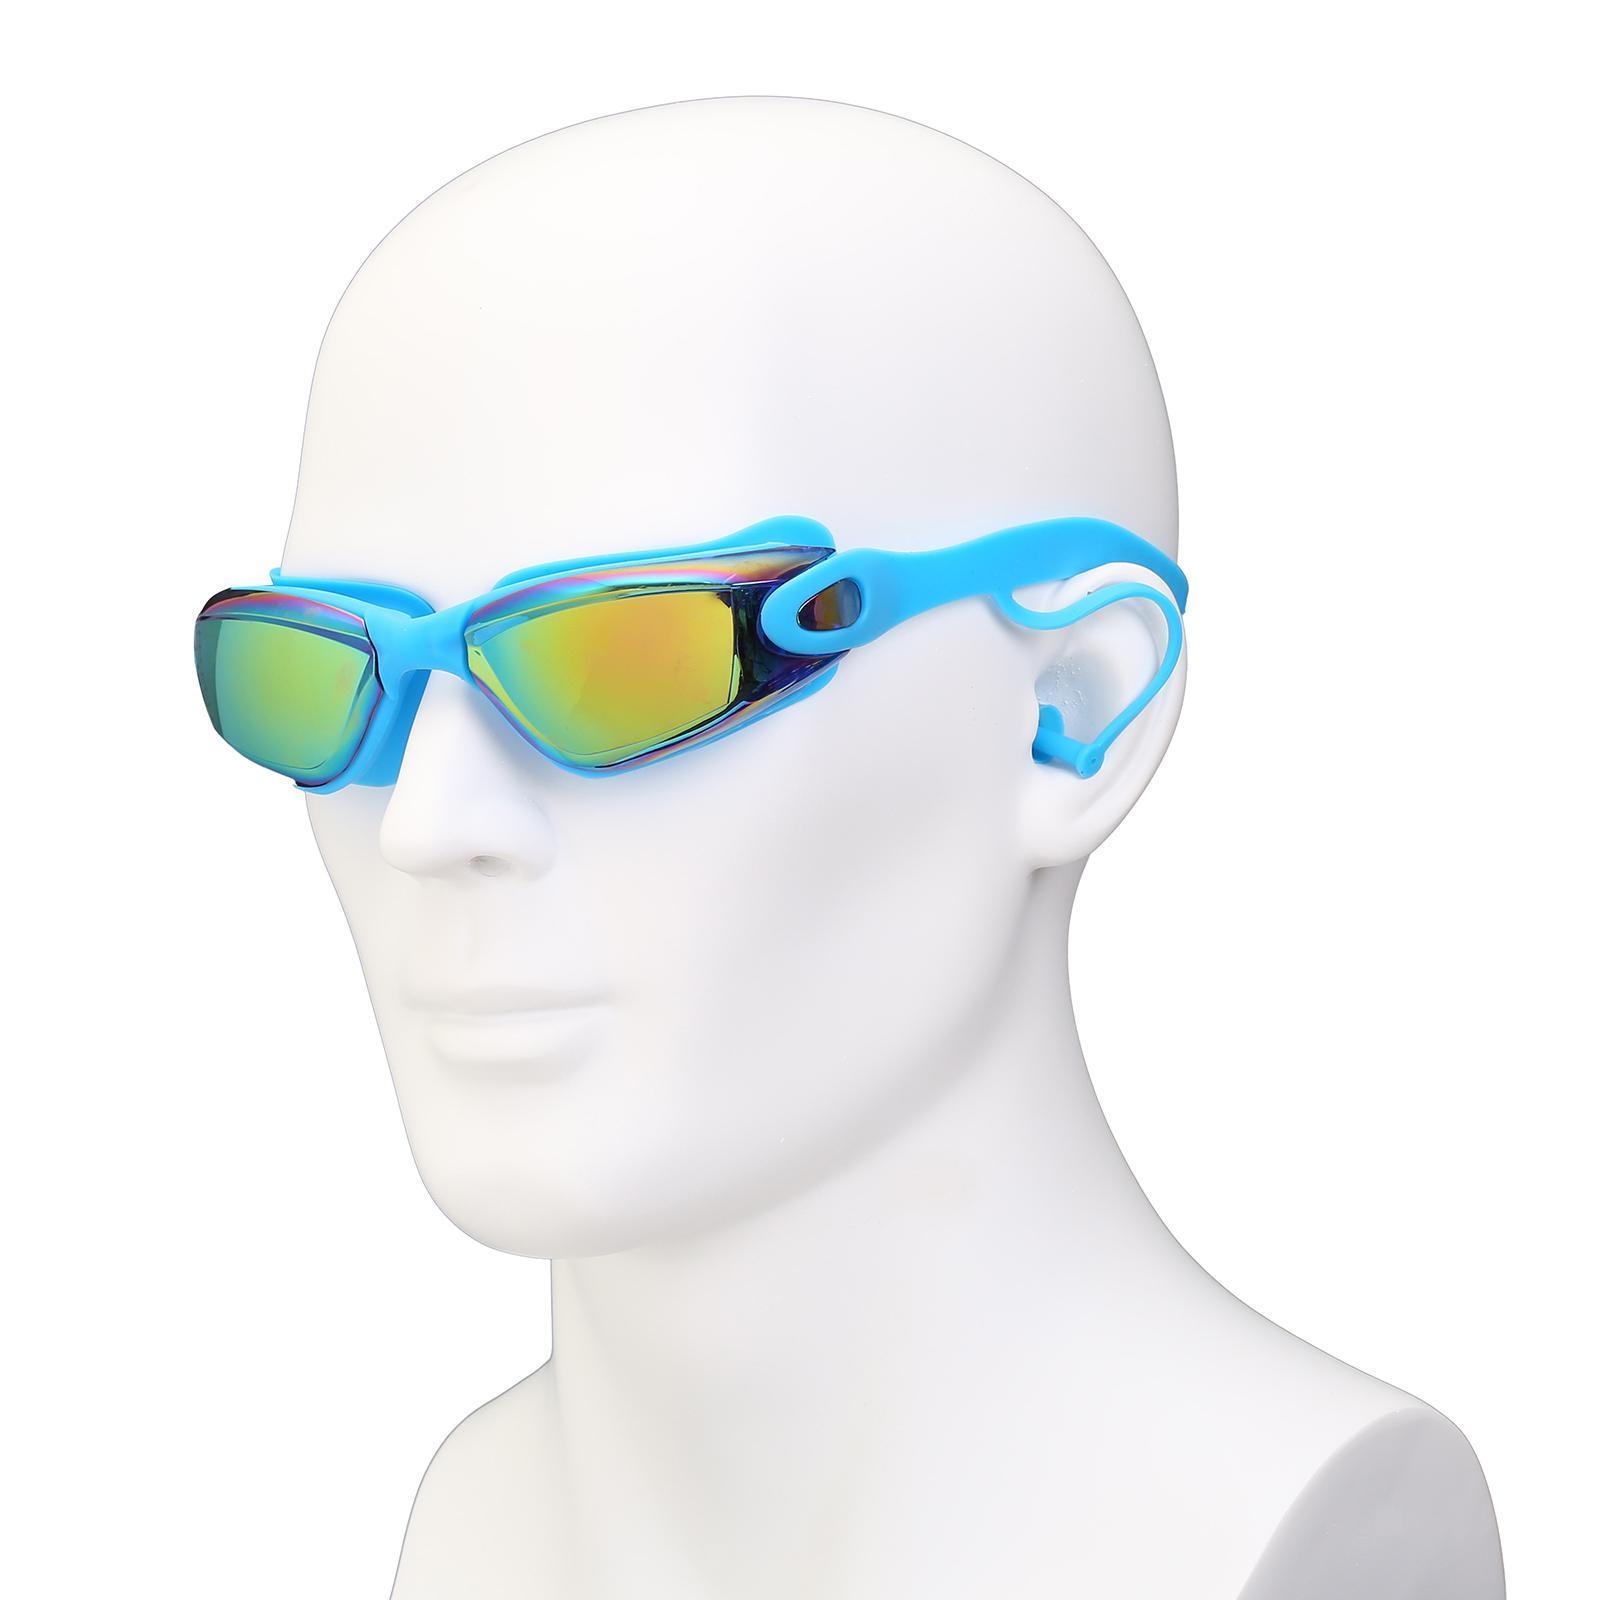 miniatura 9 - Occhialini da nuoto, protezione UV Occhialini da nuoto anti-appannamento Unisex